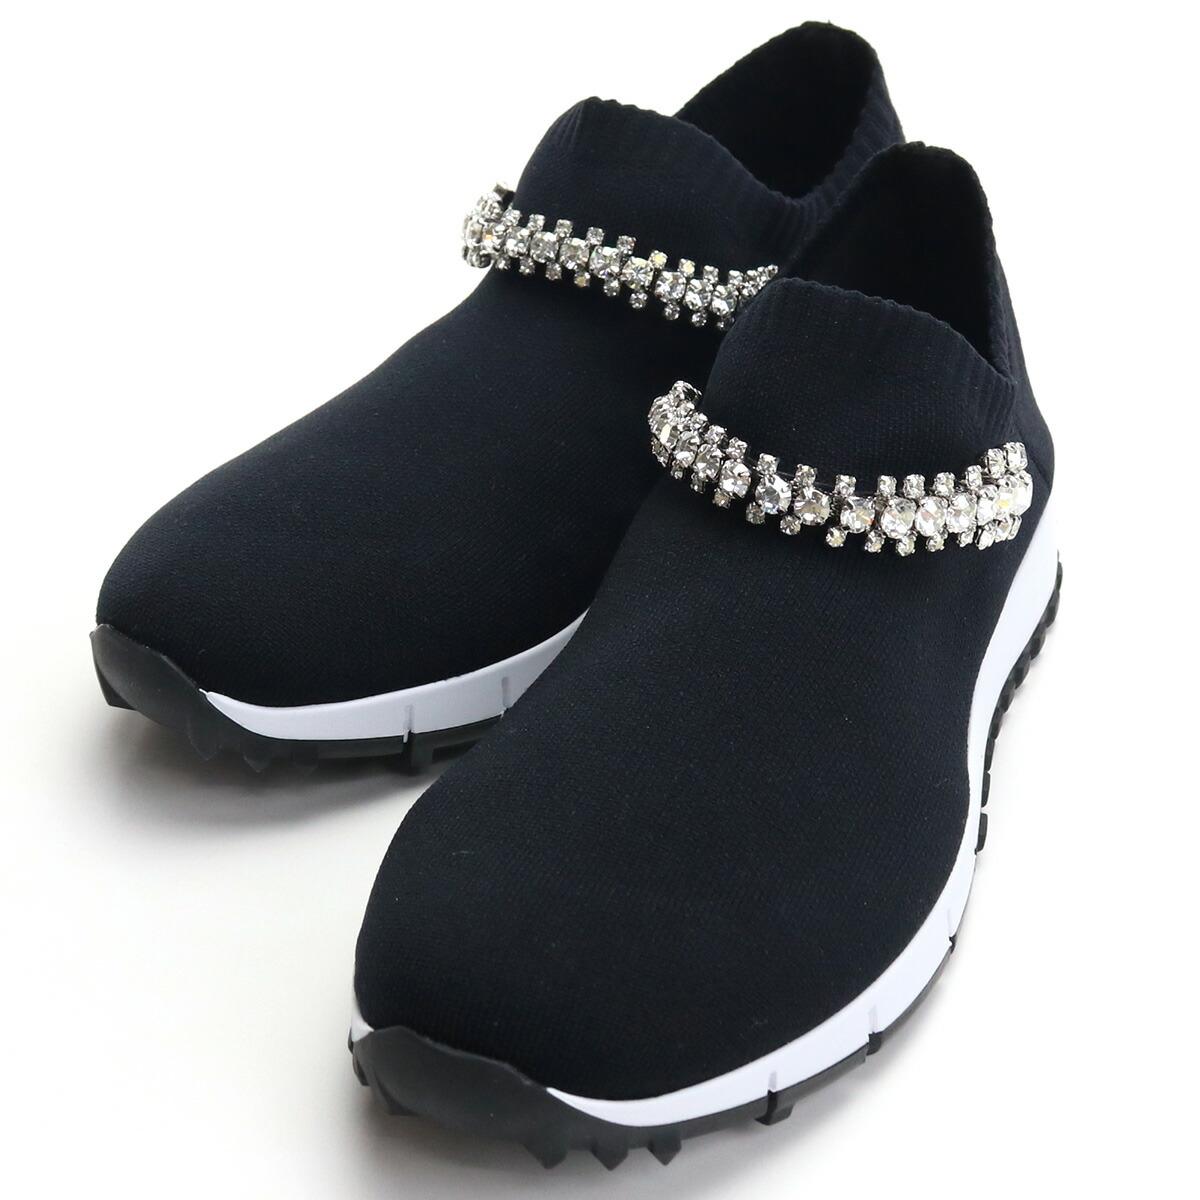 ジミーチュウ JIMMY CHOO レディーススニーカー VERONA CWK 183 BLACK/CRYSTAL ブラック bos-06 shoes-01 レディース